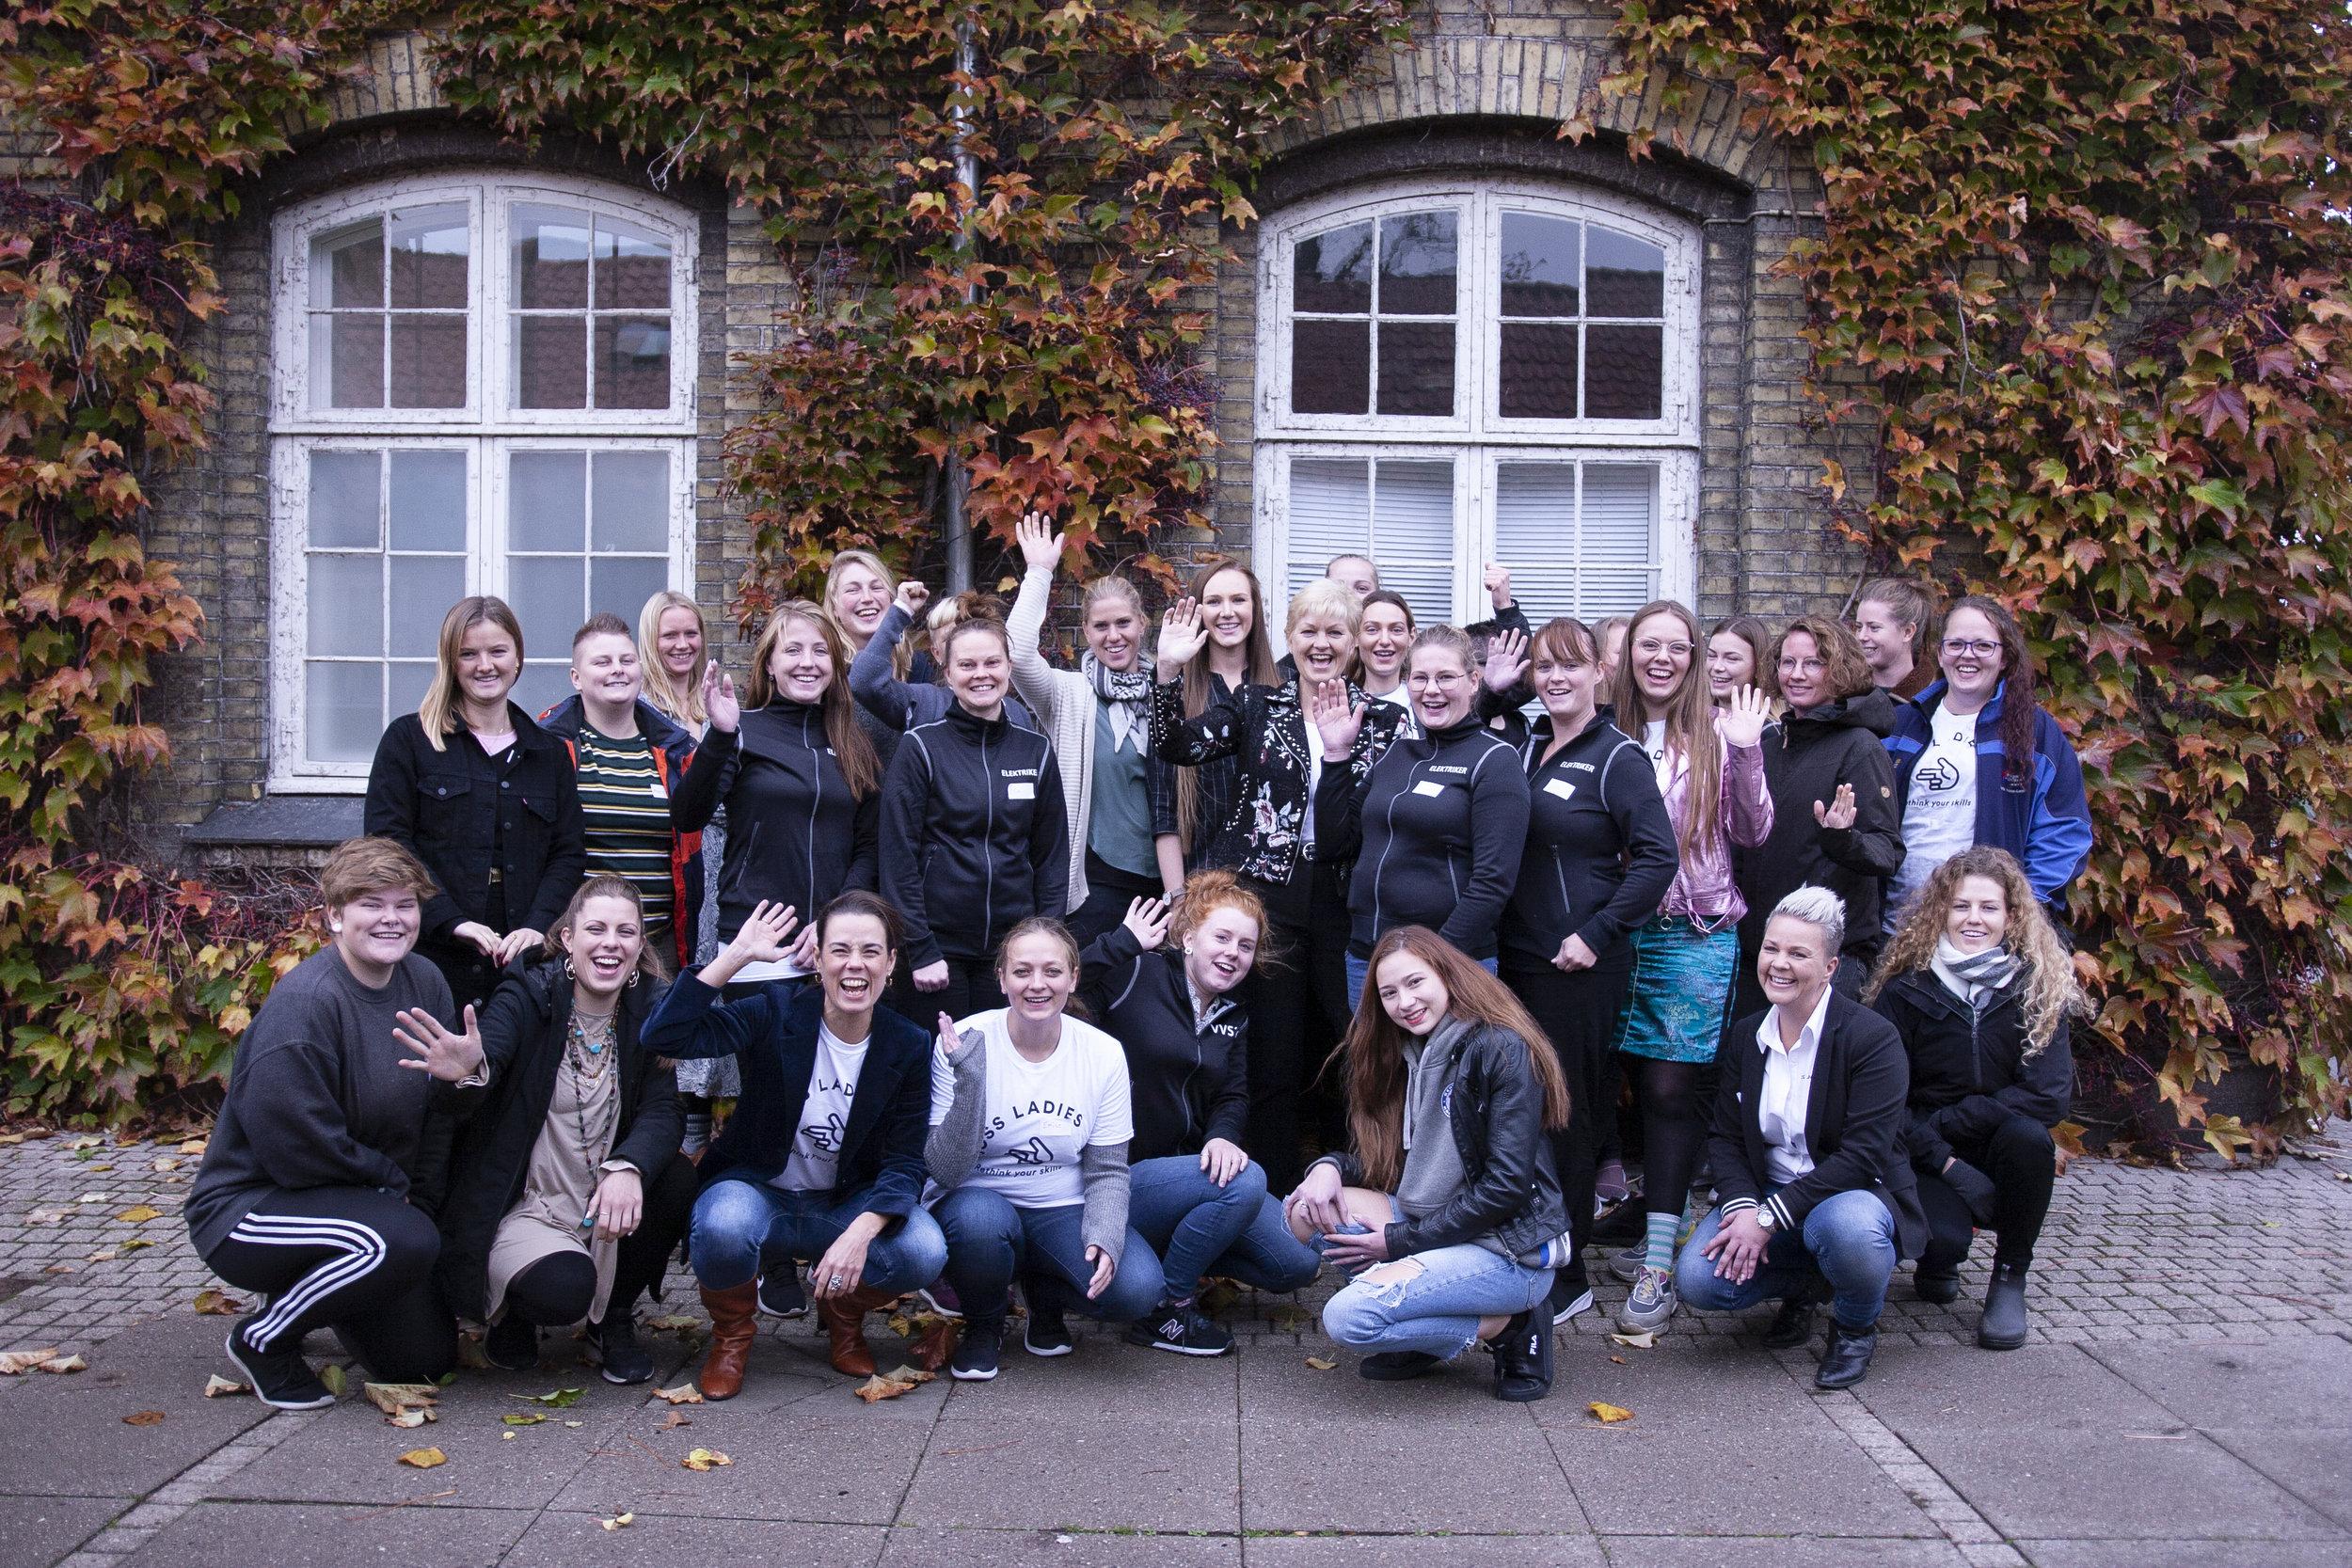 Her ses Boss Ladies Ambassadørkorpset sammen med stifter Nina Groes og ligestillingsminister Eva Kjer Hansen foran spejdercenter Holmen, hvor ambassadørernes introcamp blev afholdt.